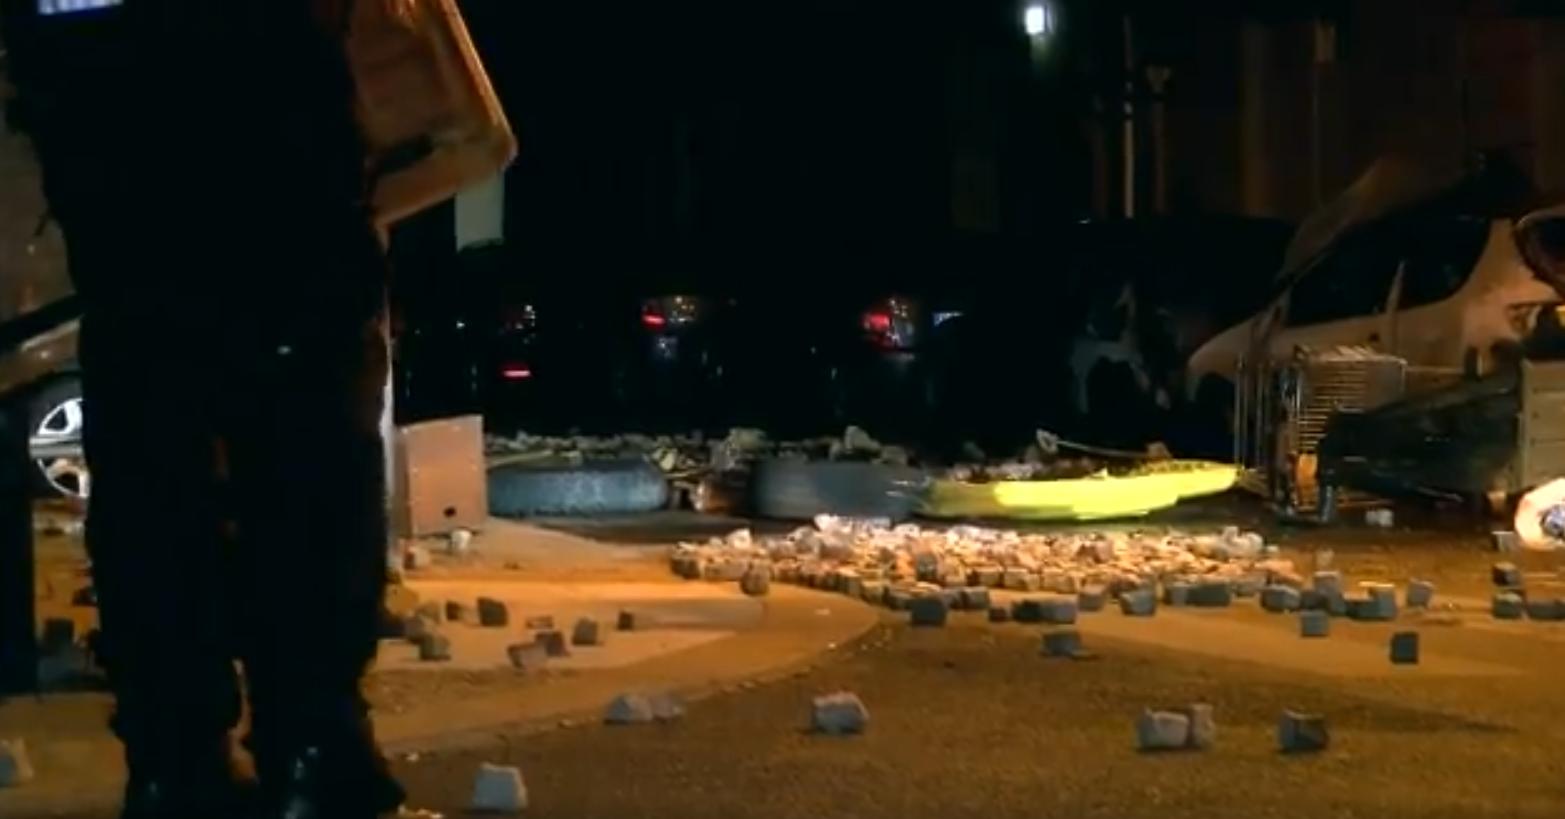 Βανδαλισμοί στο Βερολίνο: Μπουκάλια και κροτίδες στο κέντρο της πόλης